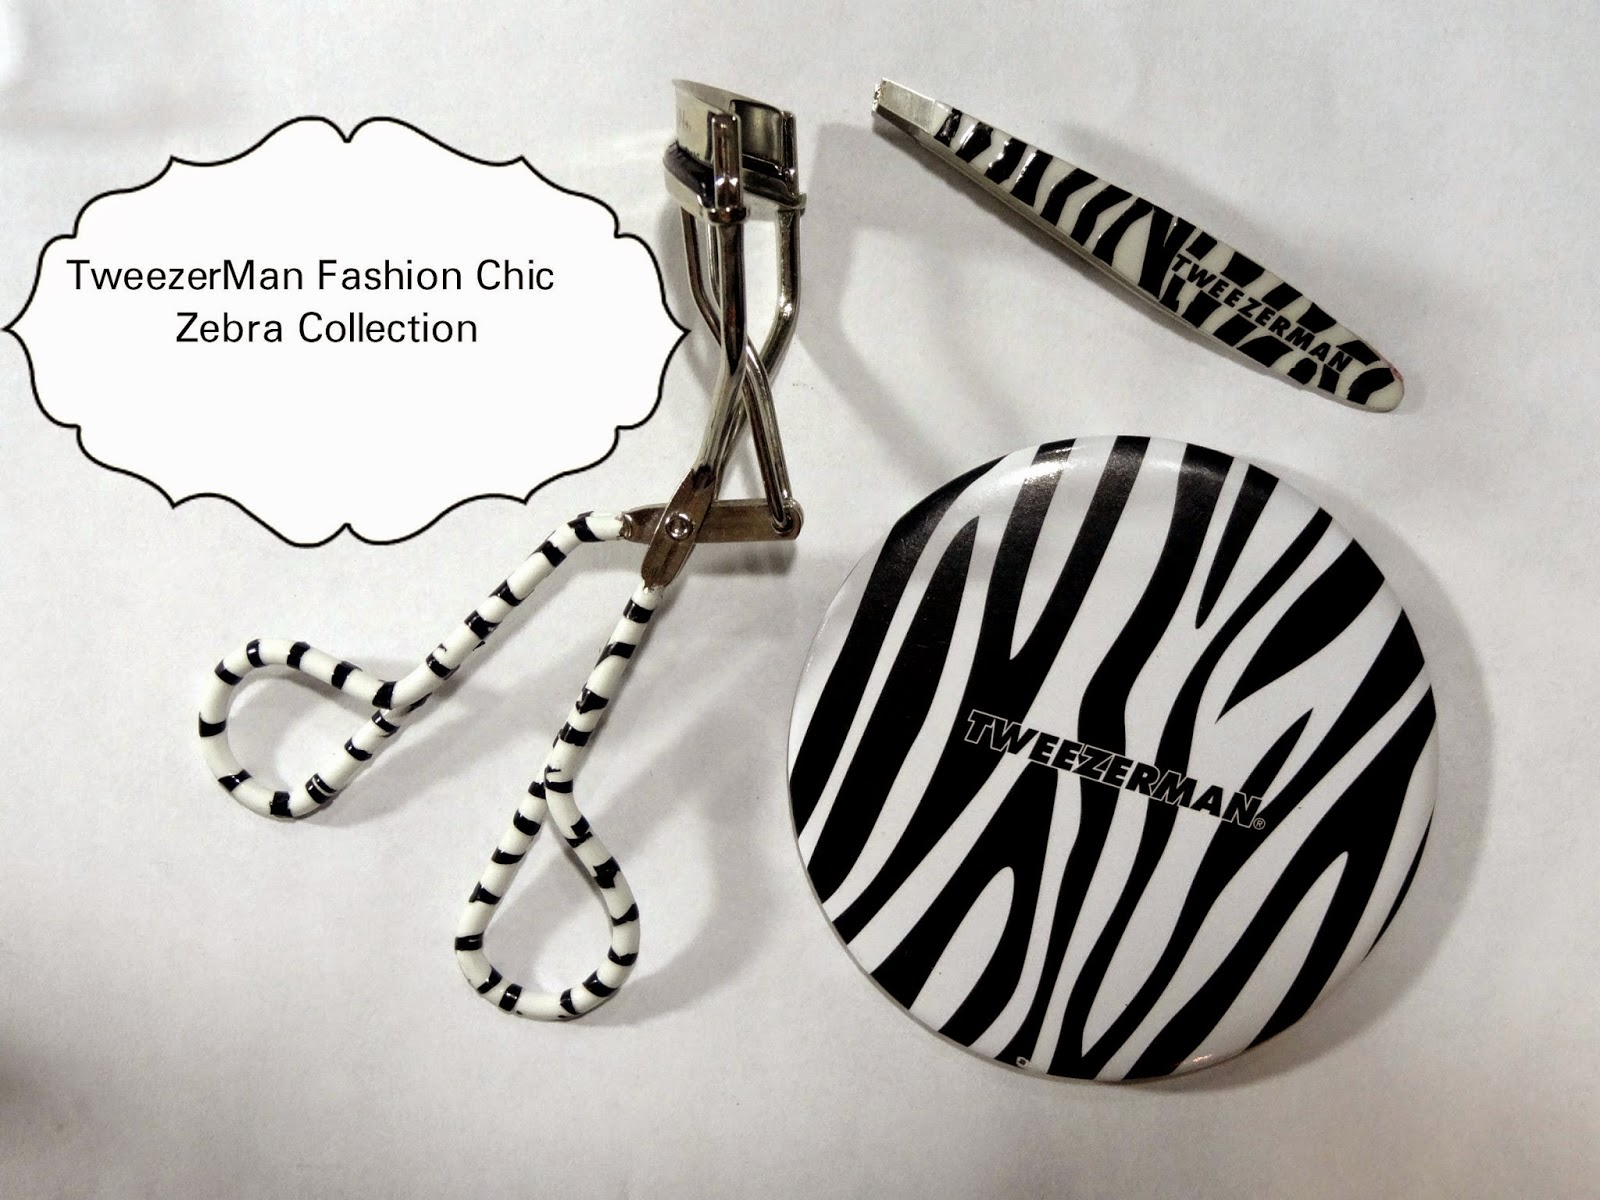 TweezerMan Fashion Chic Zebra Collection